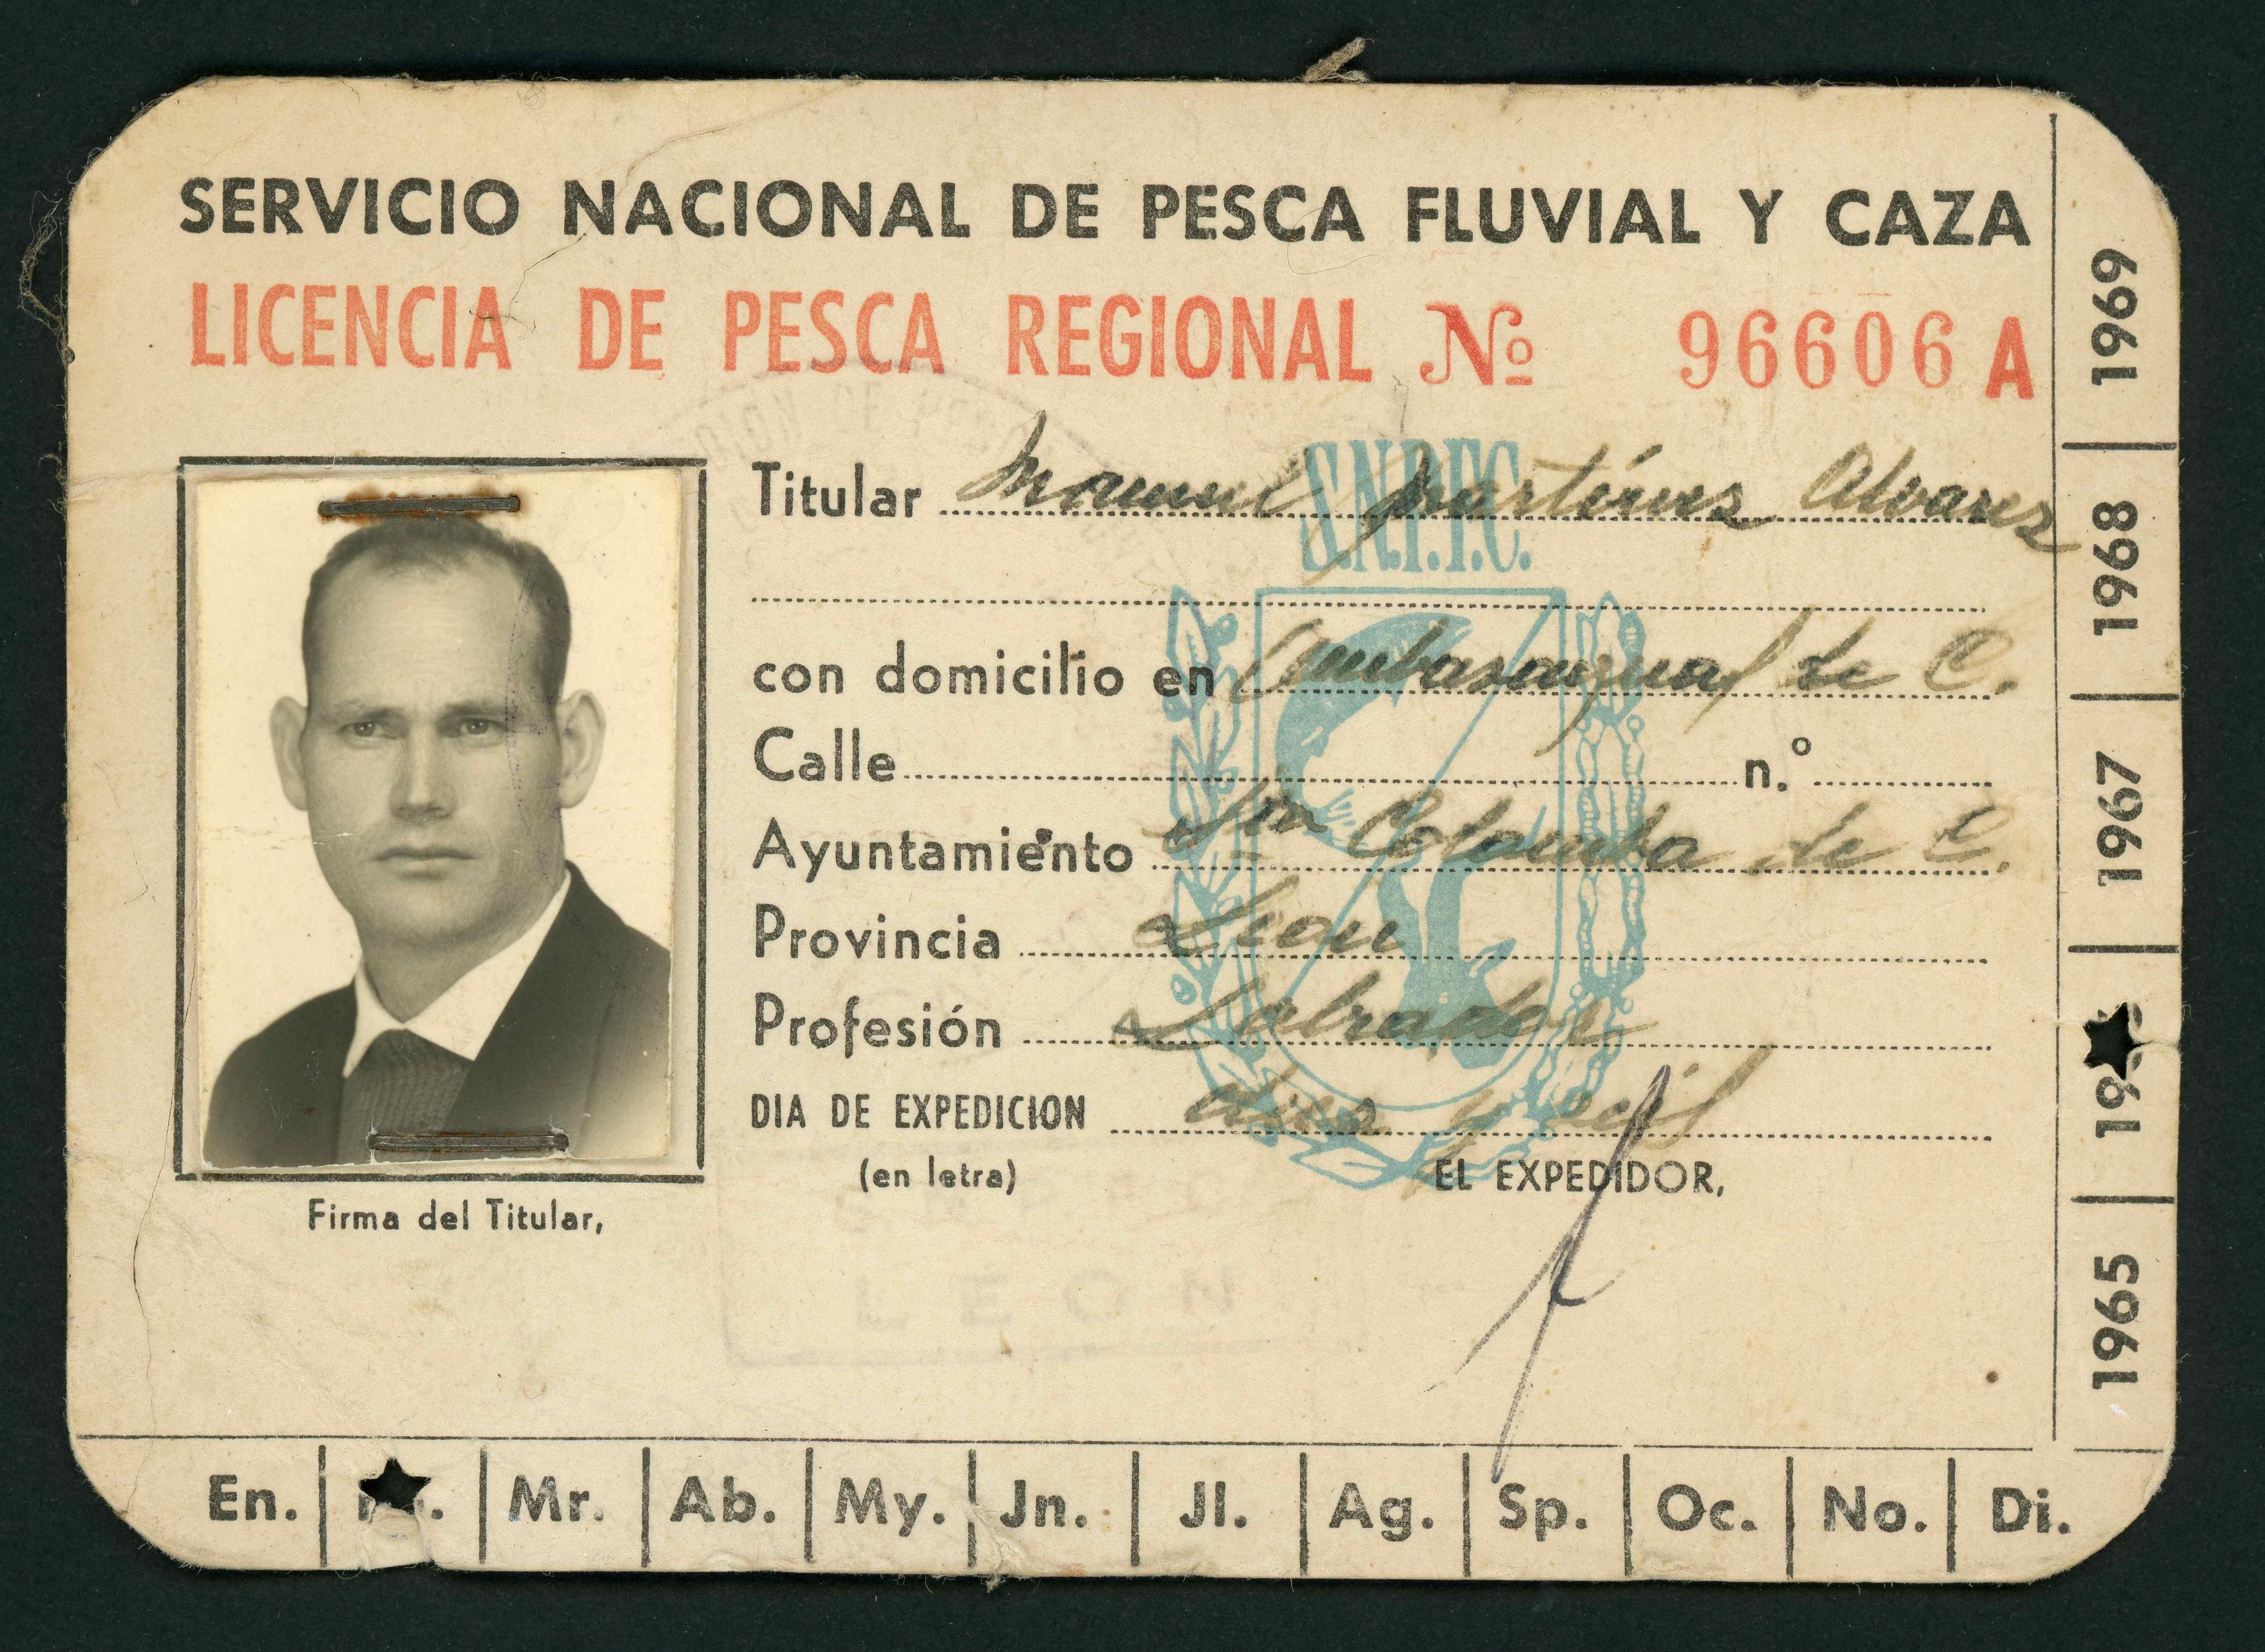 Licencia de pesca de Manuel Martínez